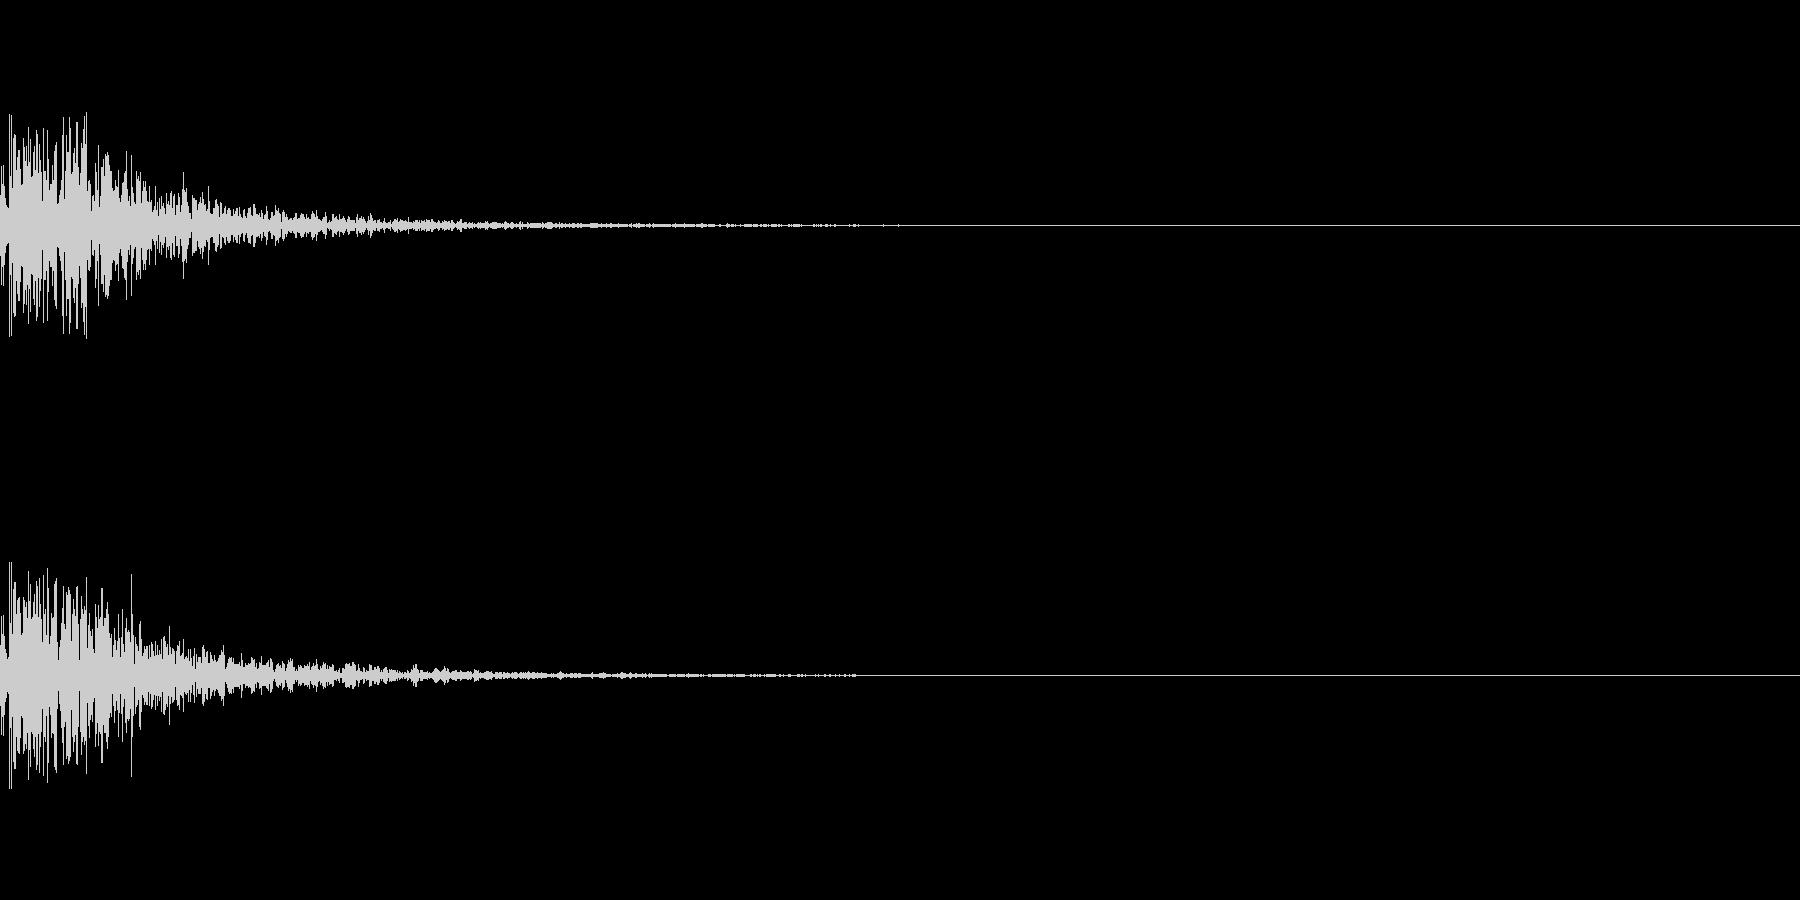 爆発音「ボカーン」の未再生の波形